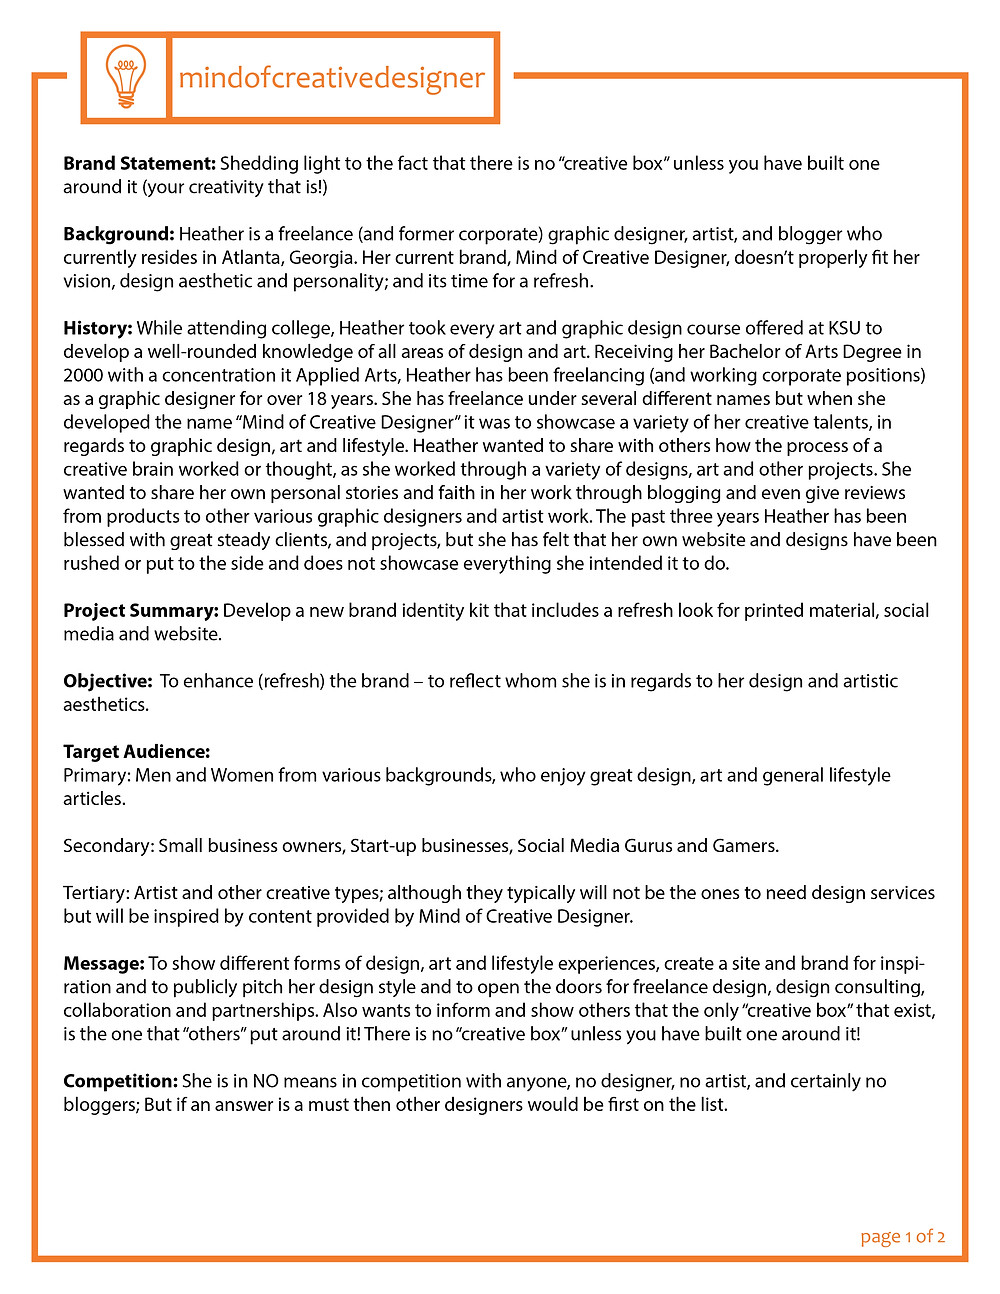 Creative Brief - Page 1